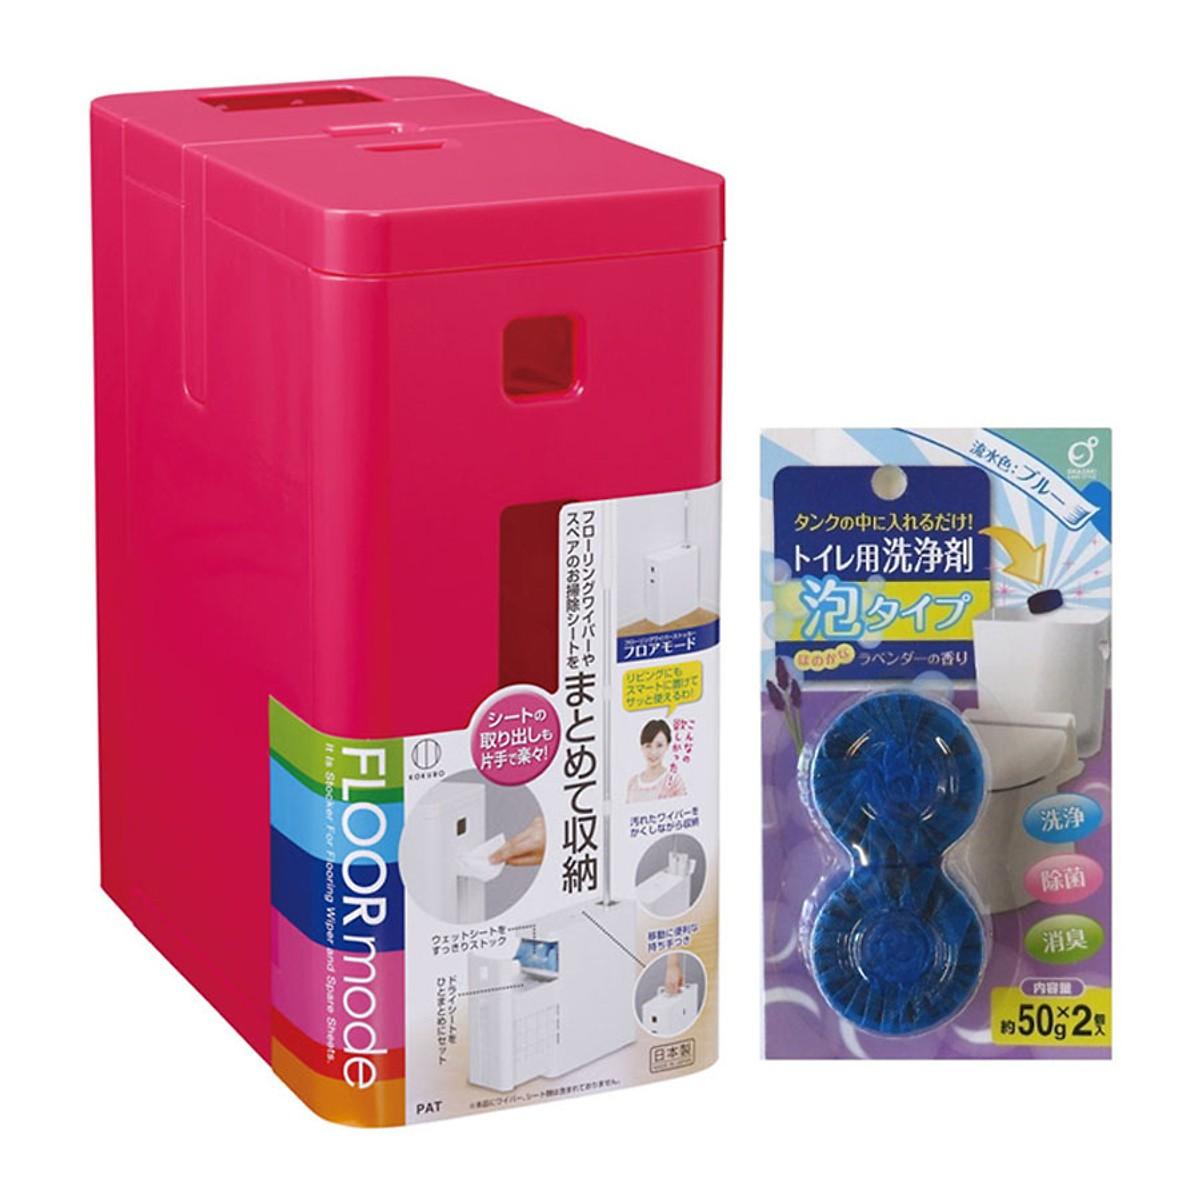 Combo phụ kiện nhà tắm tiện lợi Hộp đựng dụng cụ vệ sinh  viên thả hương lavender - hàng nội địa Nhật - 1 combo